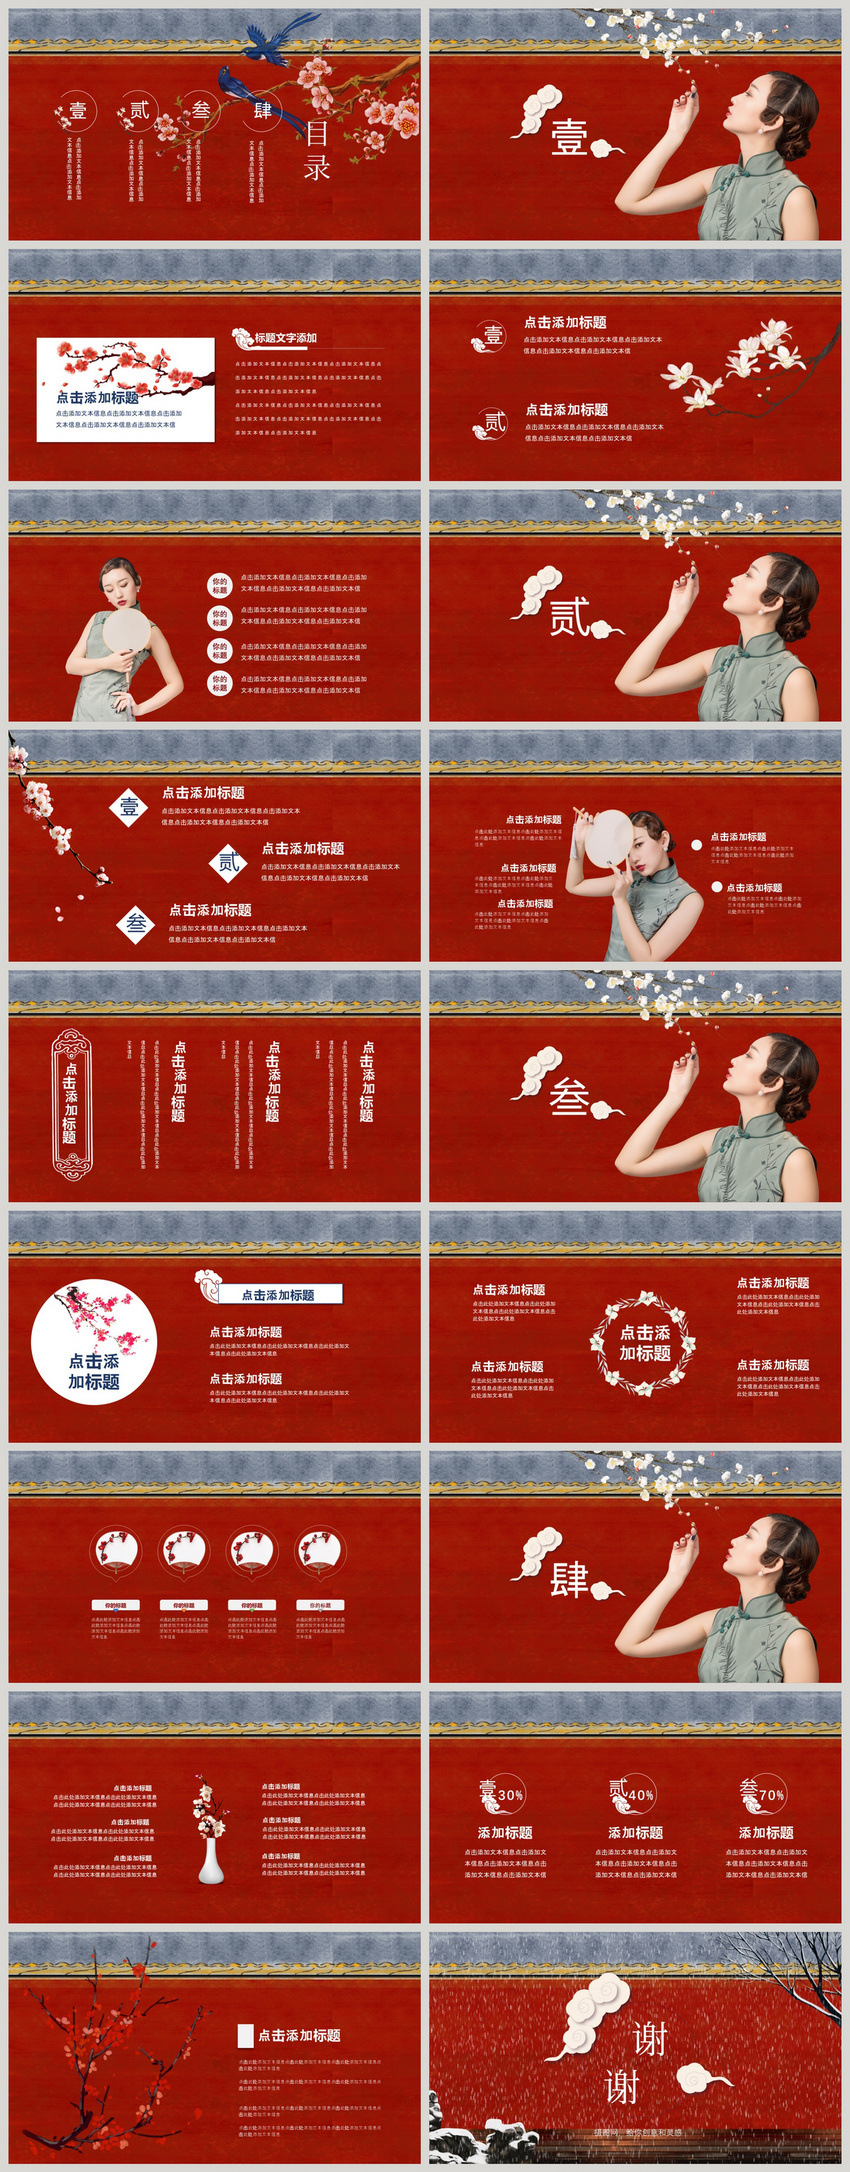 红色中国风ppt模板_红色中国风通用PPT模板图片-正版模板下载400757108-摄图网